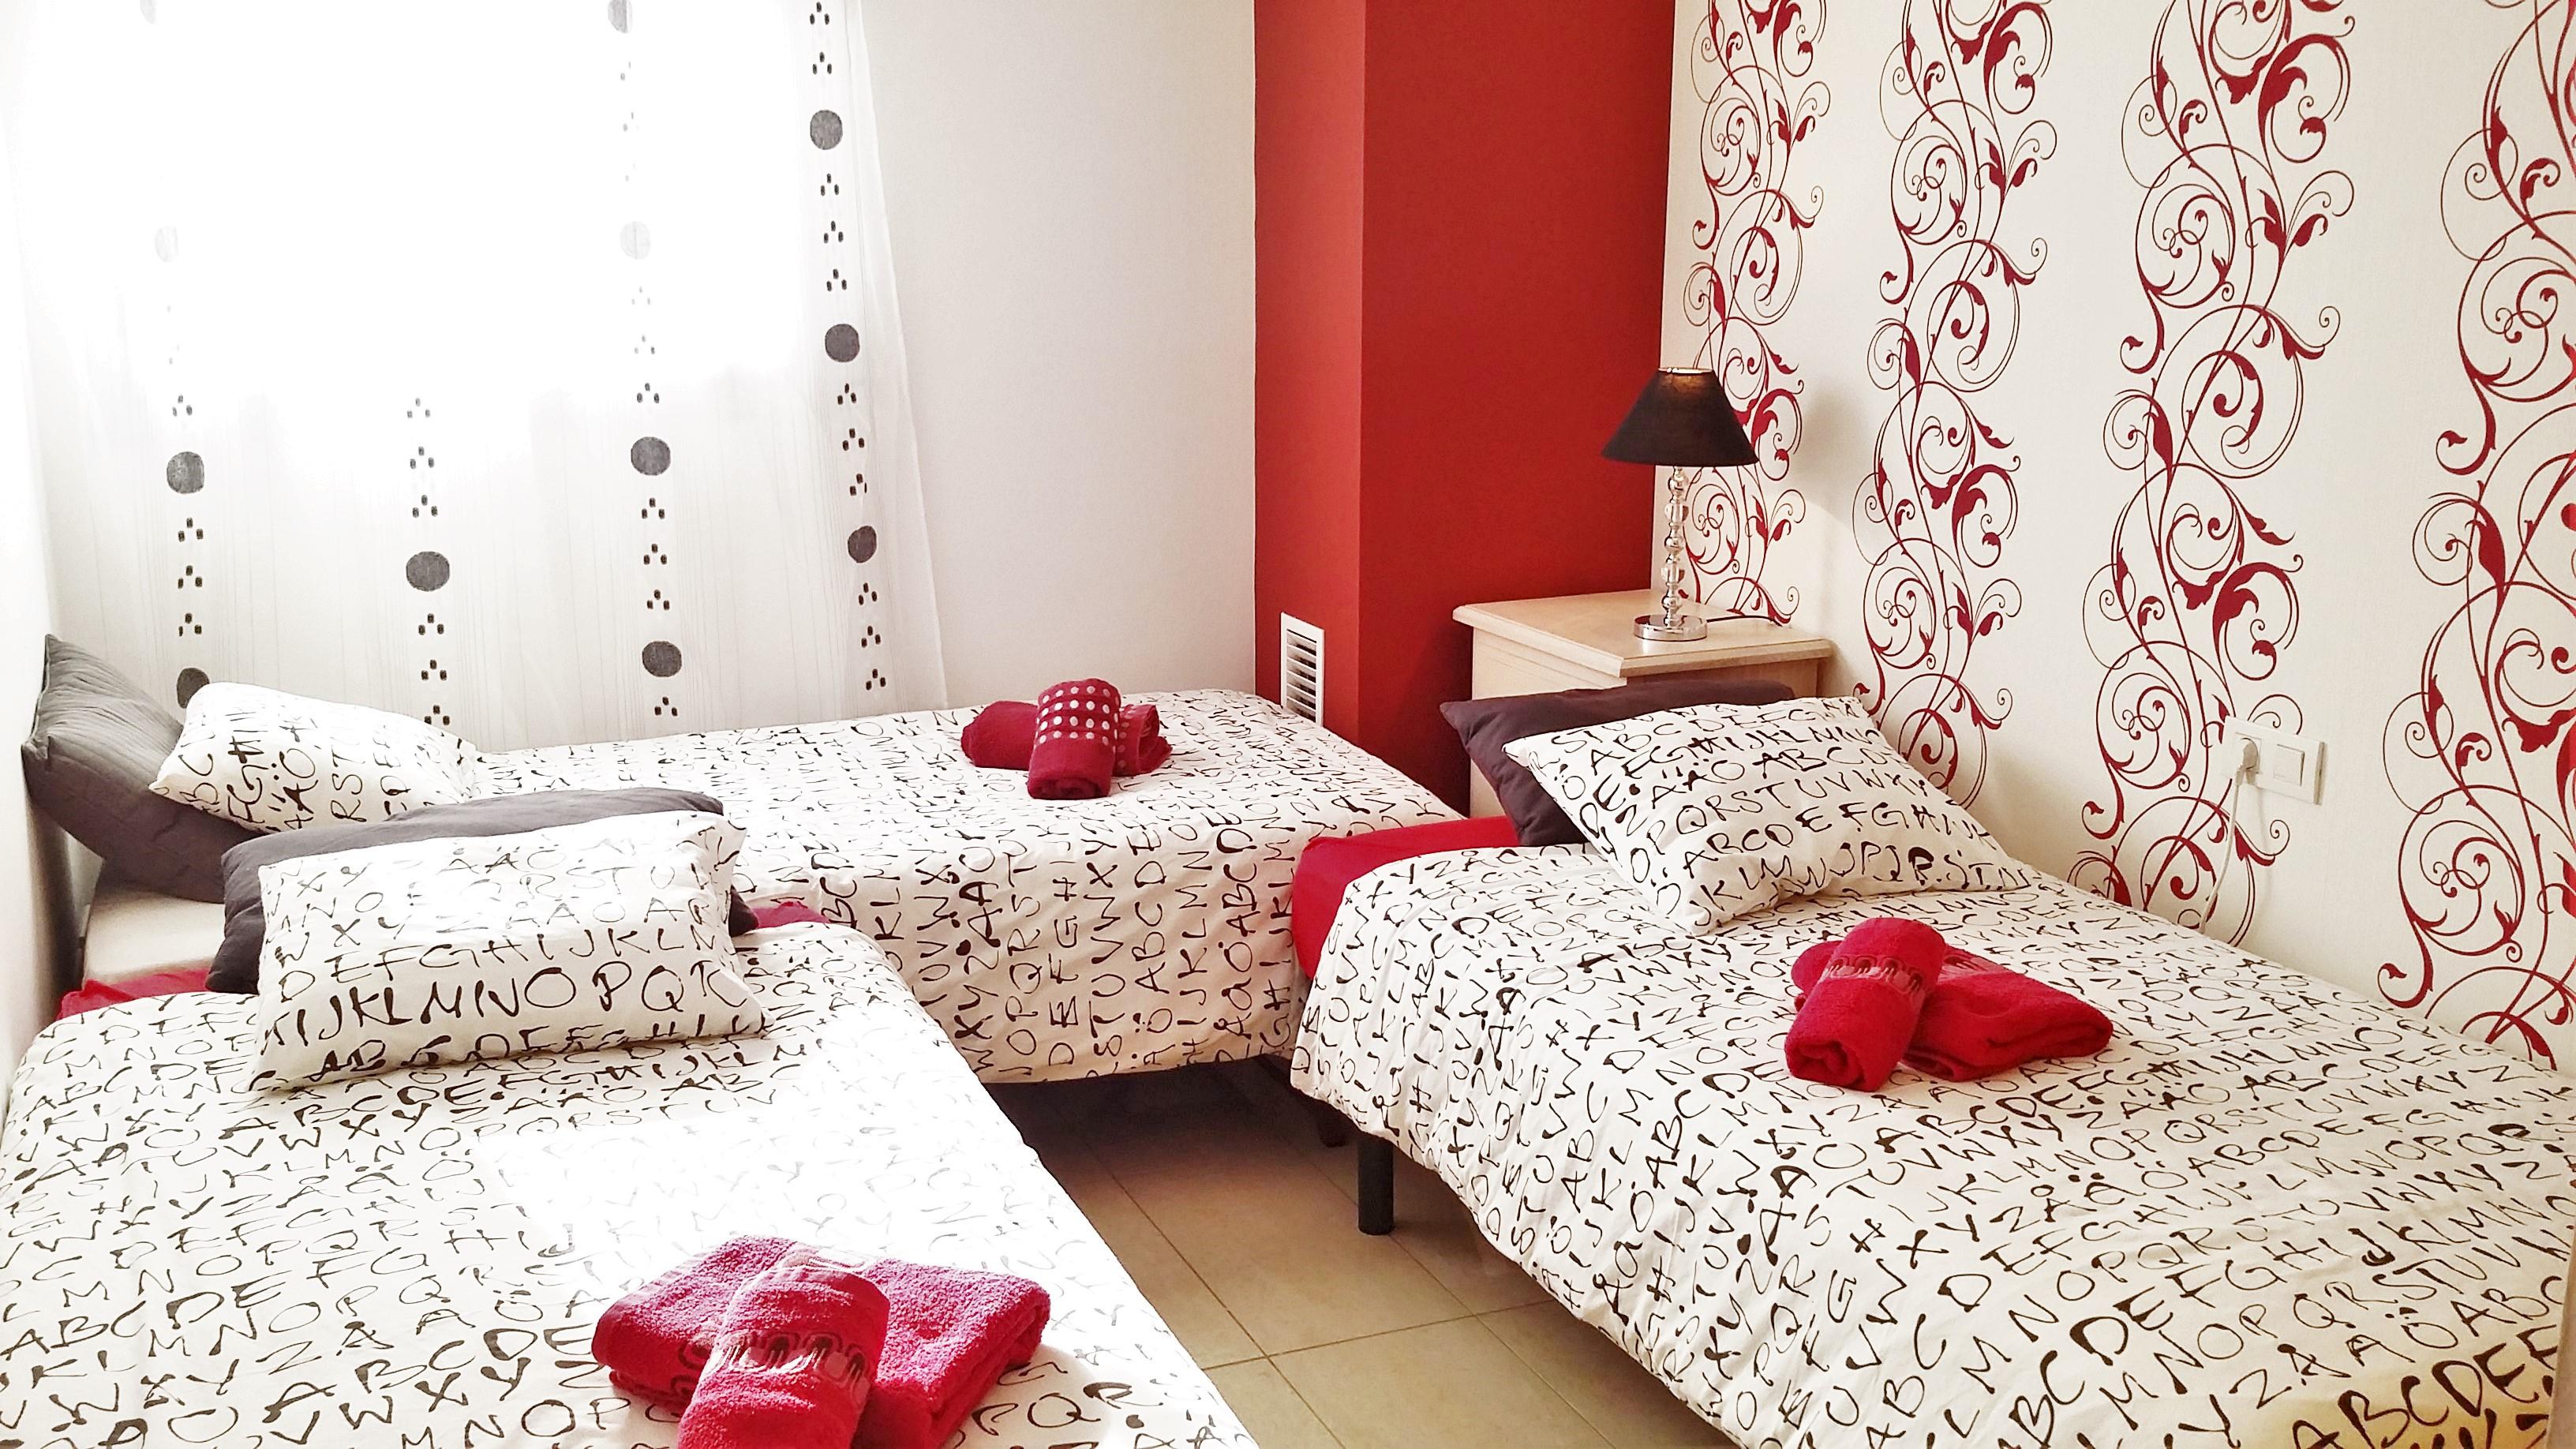 Bedroom III: 3 single beds